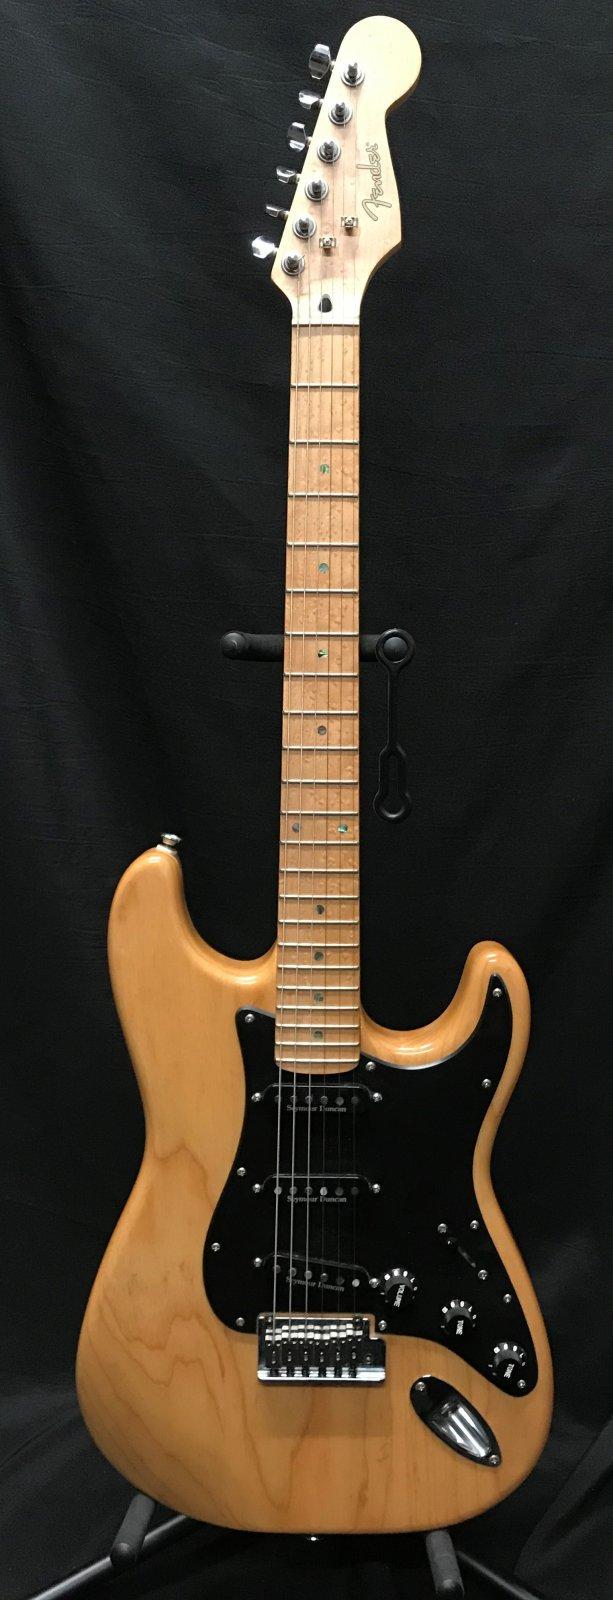 Used Fender Light Ash Stratocaster Made in Korea